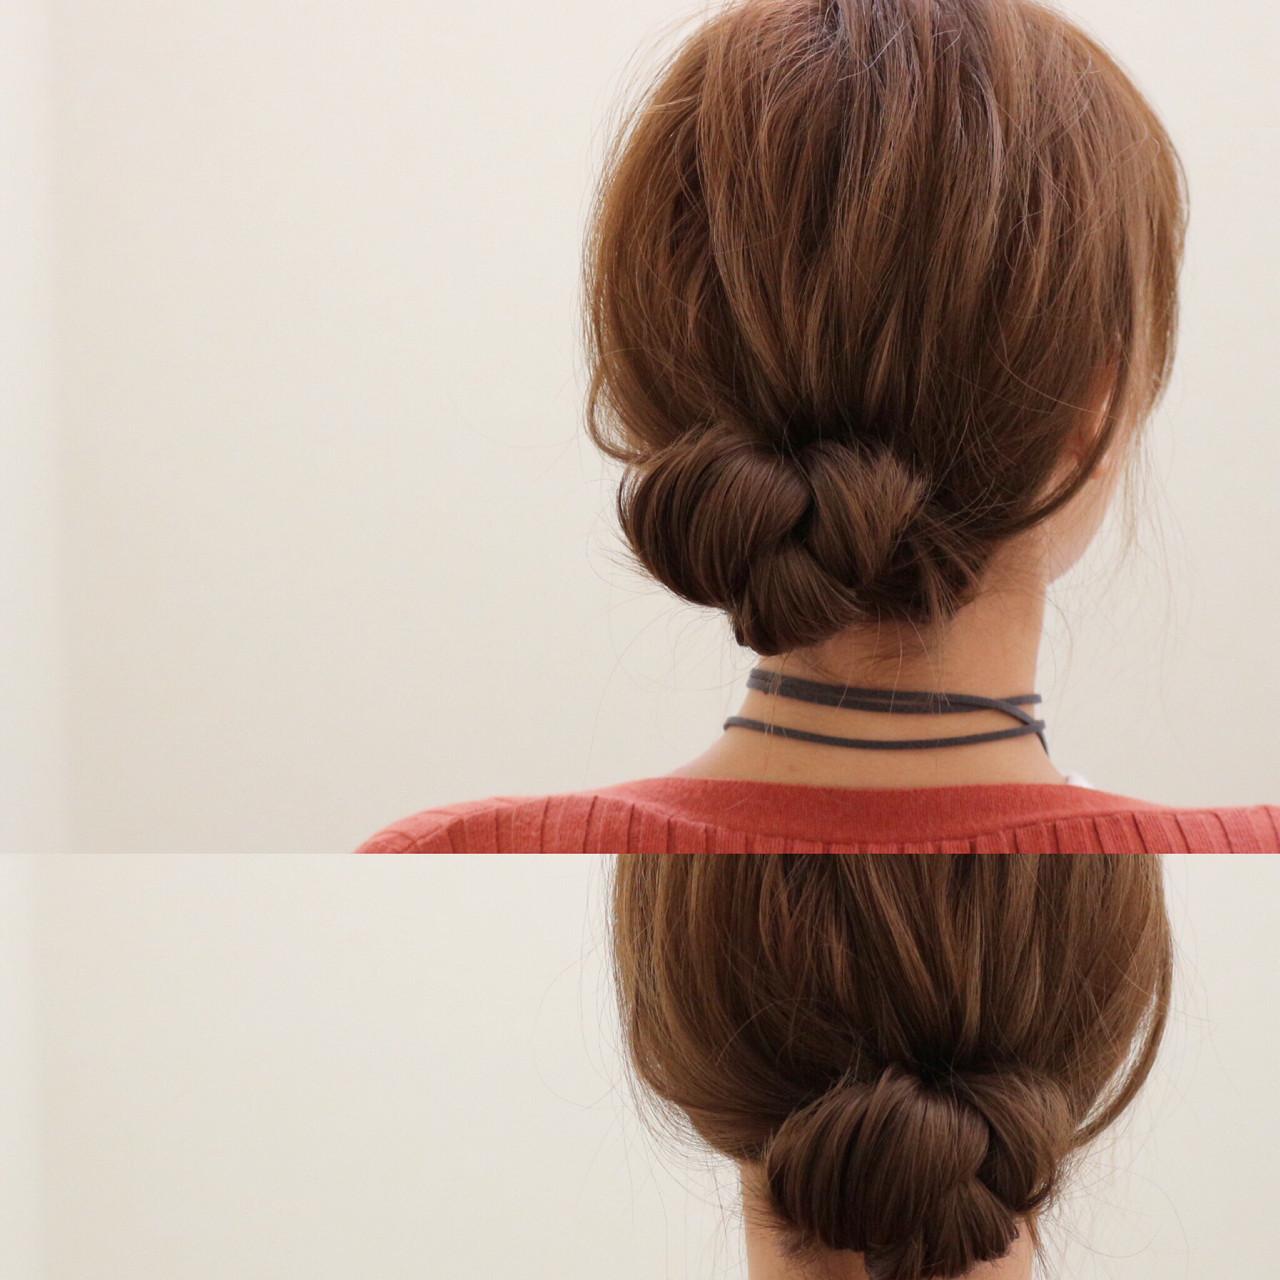 不器用女子にもできちゃう♡セミロングのかわいいアップアレンジまとめ ryota kuwamura  函館/hair make Full throttle/ フルスロットル